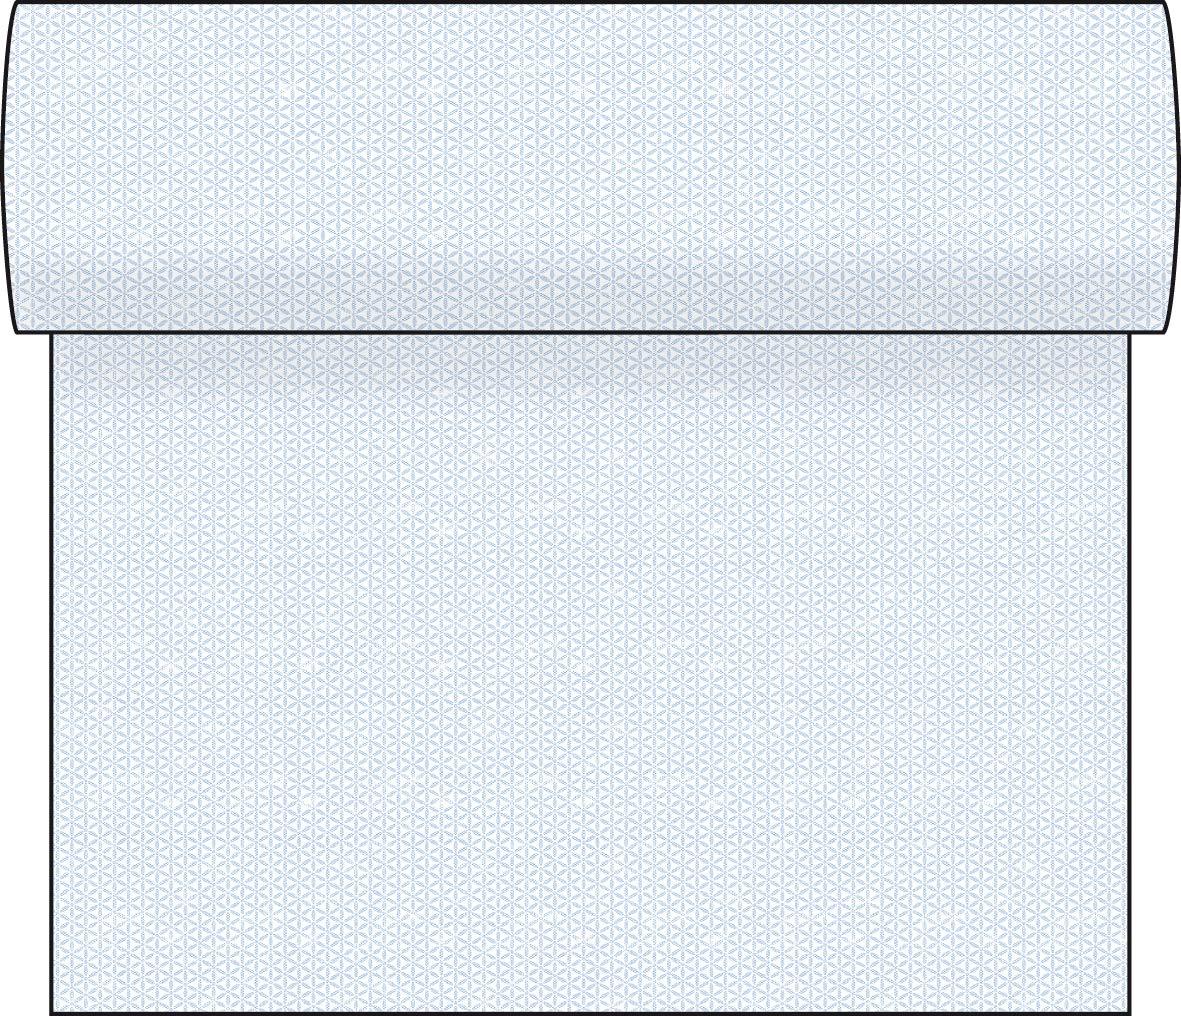 Servilletas Hope Premium Airlaid, tela similar a 40 x 40 cm de ...